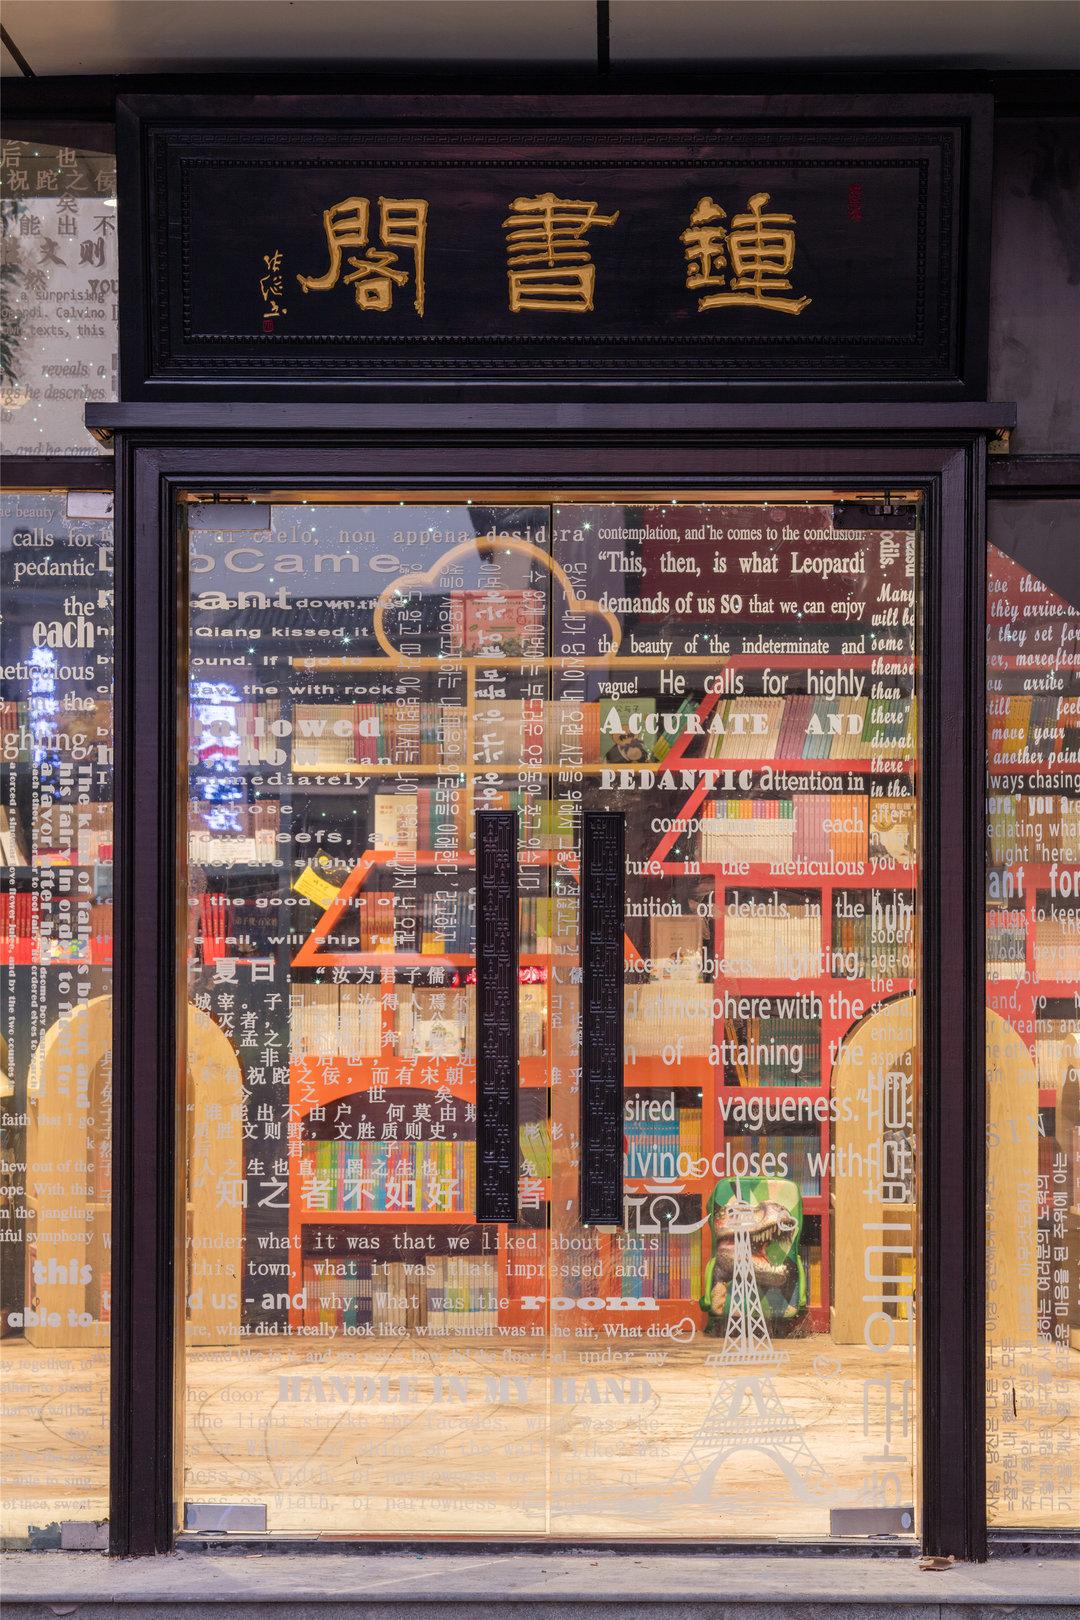 继杭州之后,钟书阁在扬州也开了一家花哨的书店_设计_好奇心日报